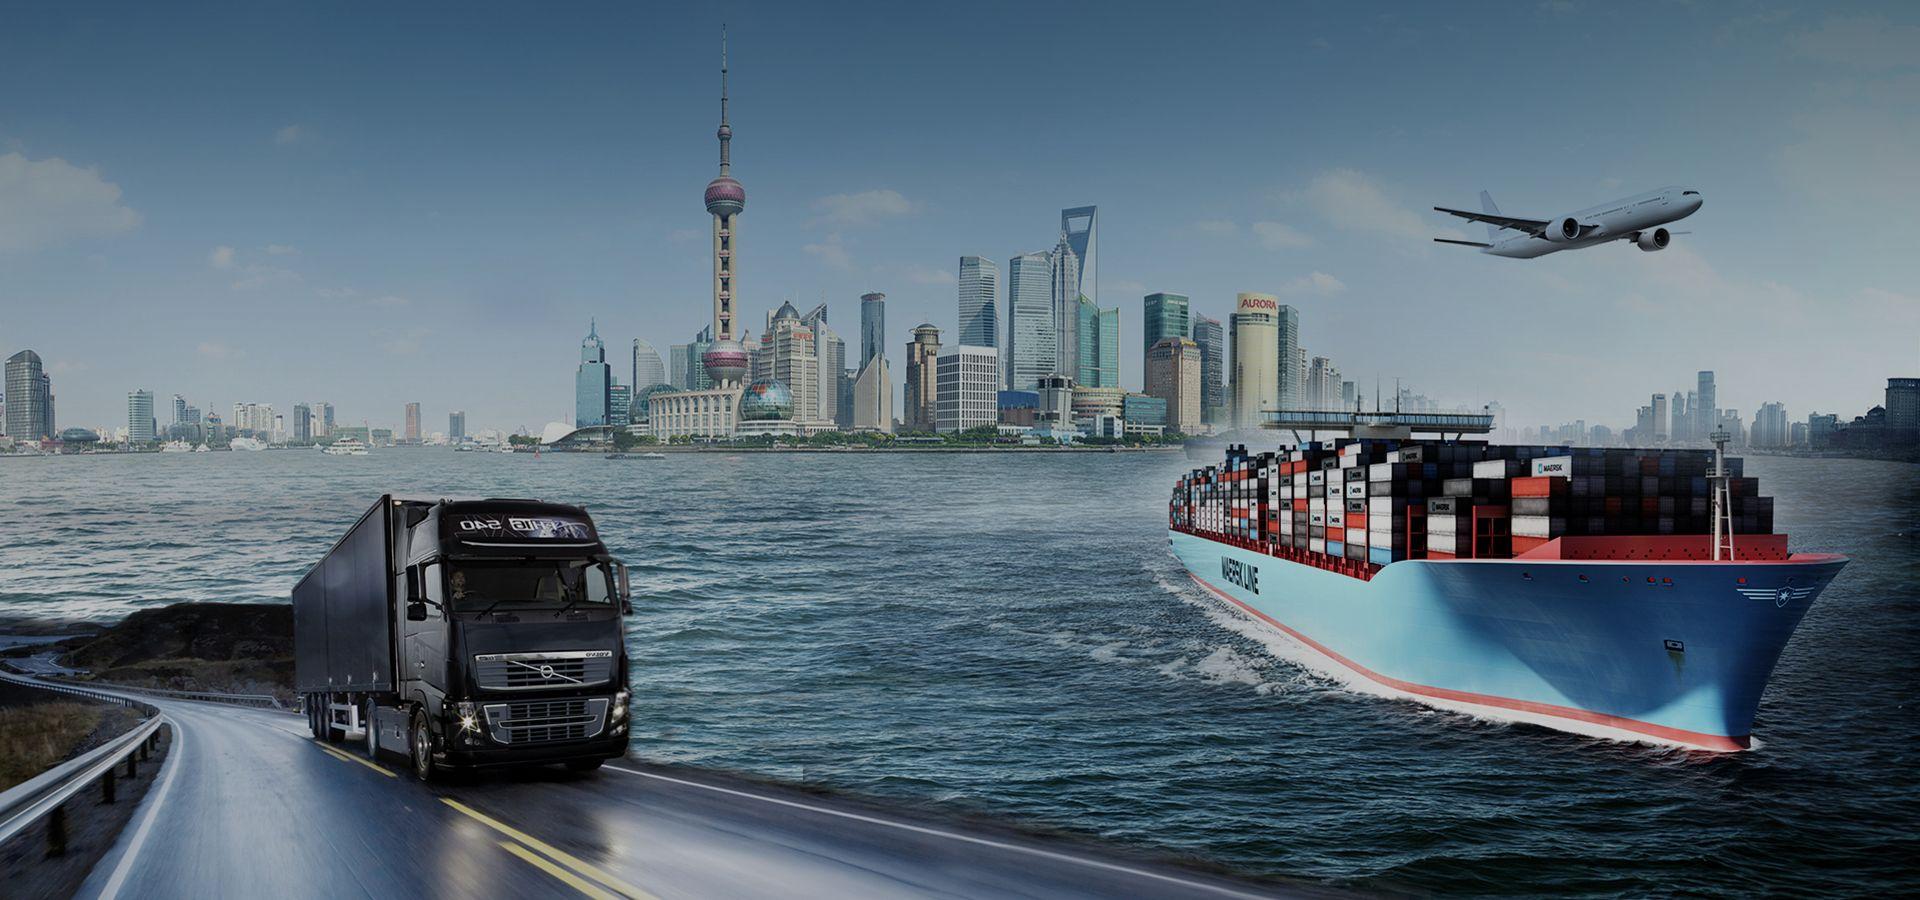 Каким транспортом продукция доставляется из Китая в Россию?